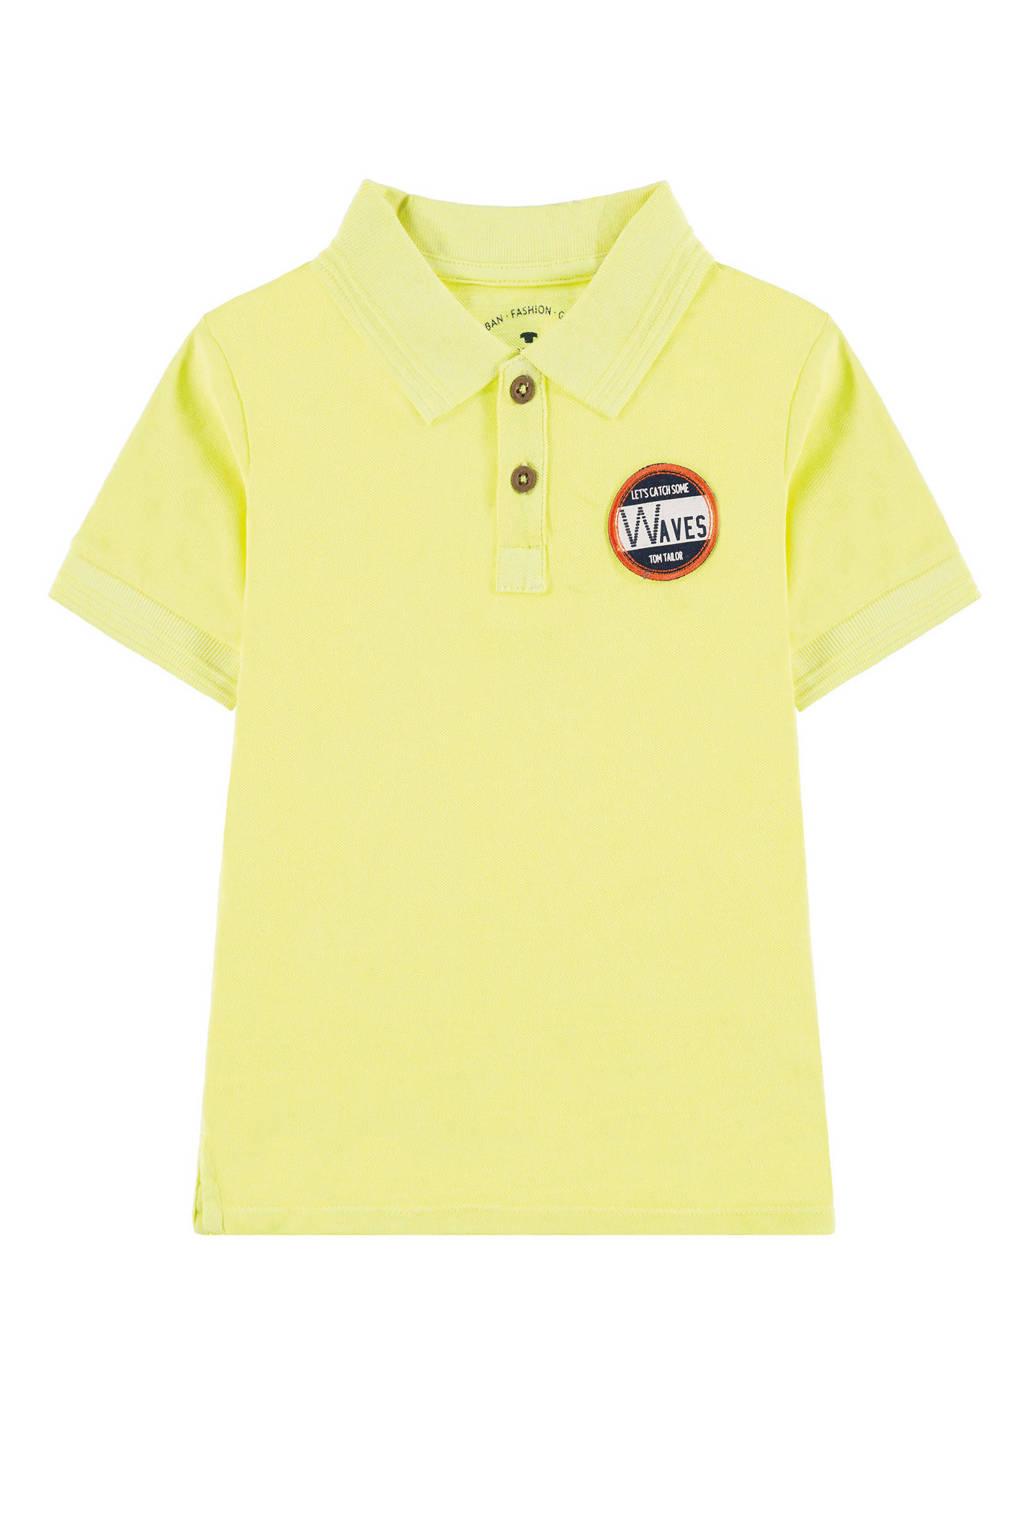 Tom Tailor polo met patch geel, Geel